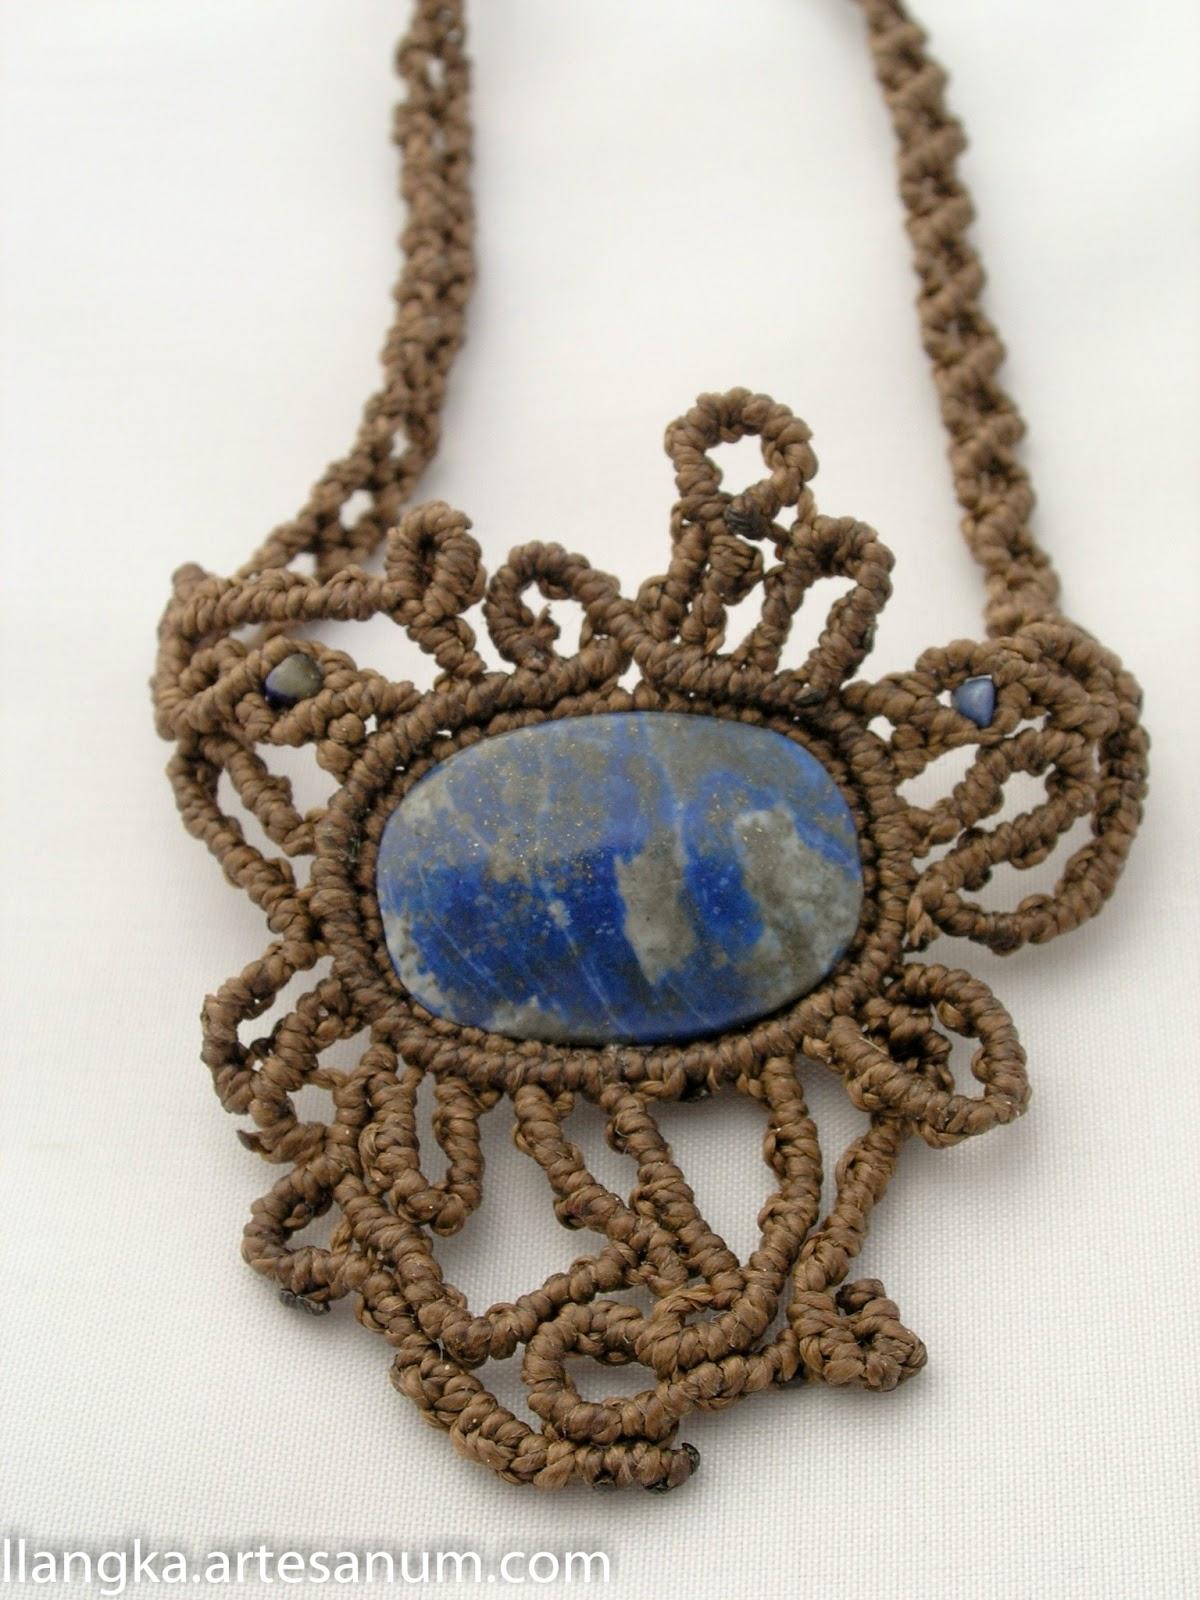 Algunas piezas con piedras de Sudamérica